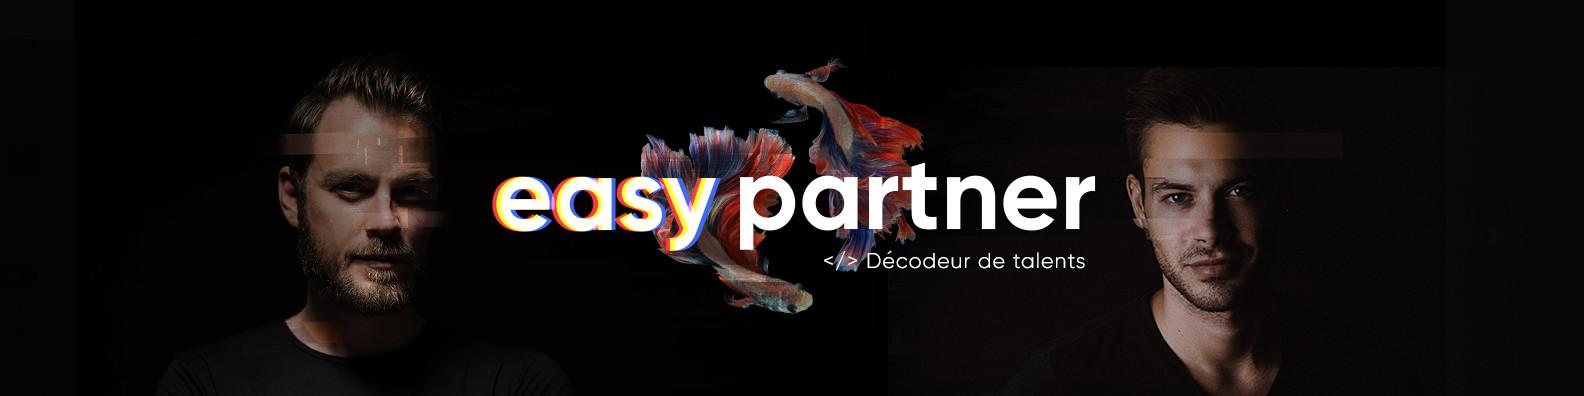 easy_partner